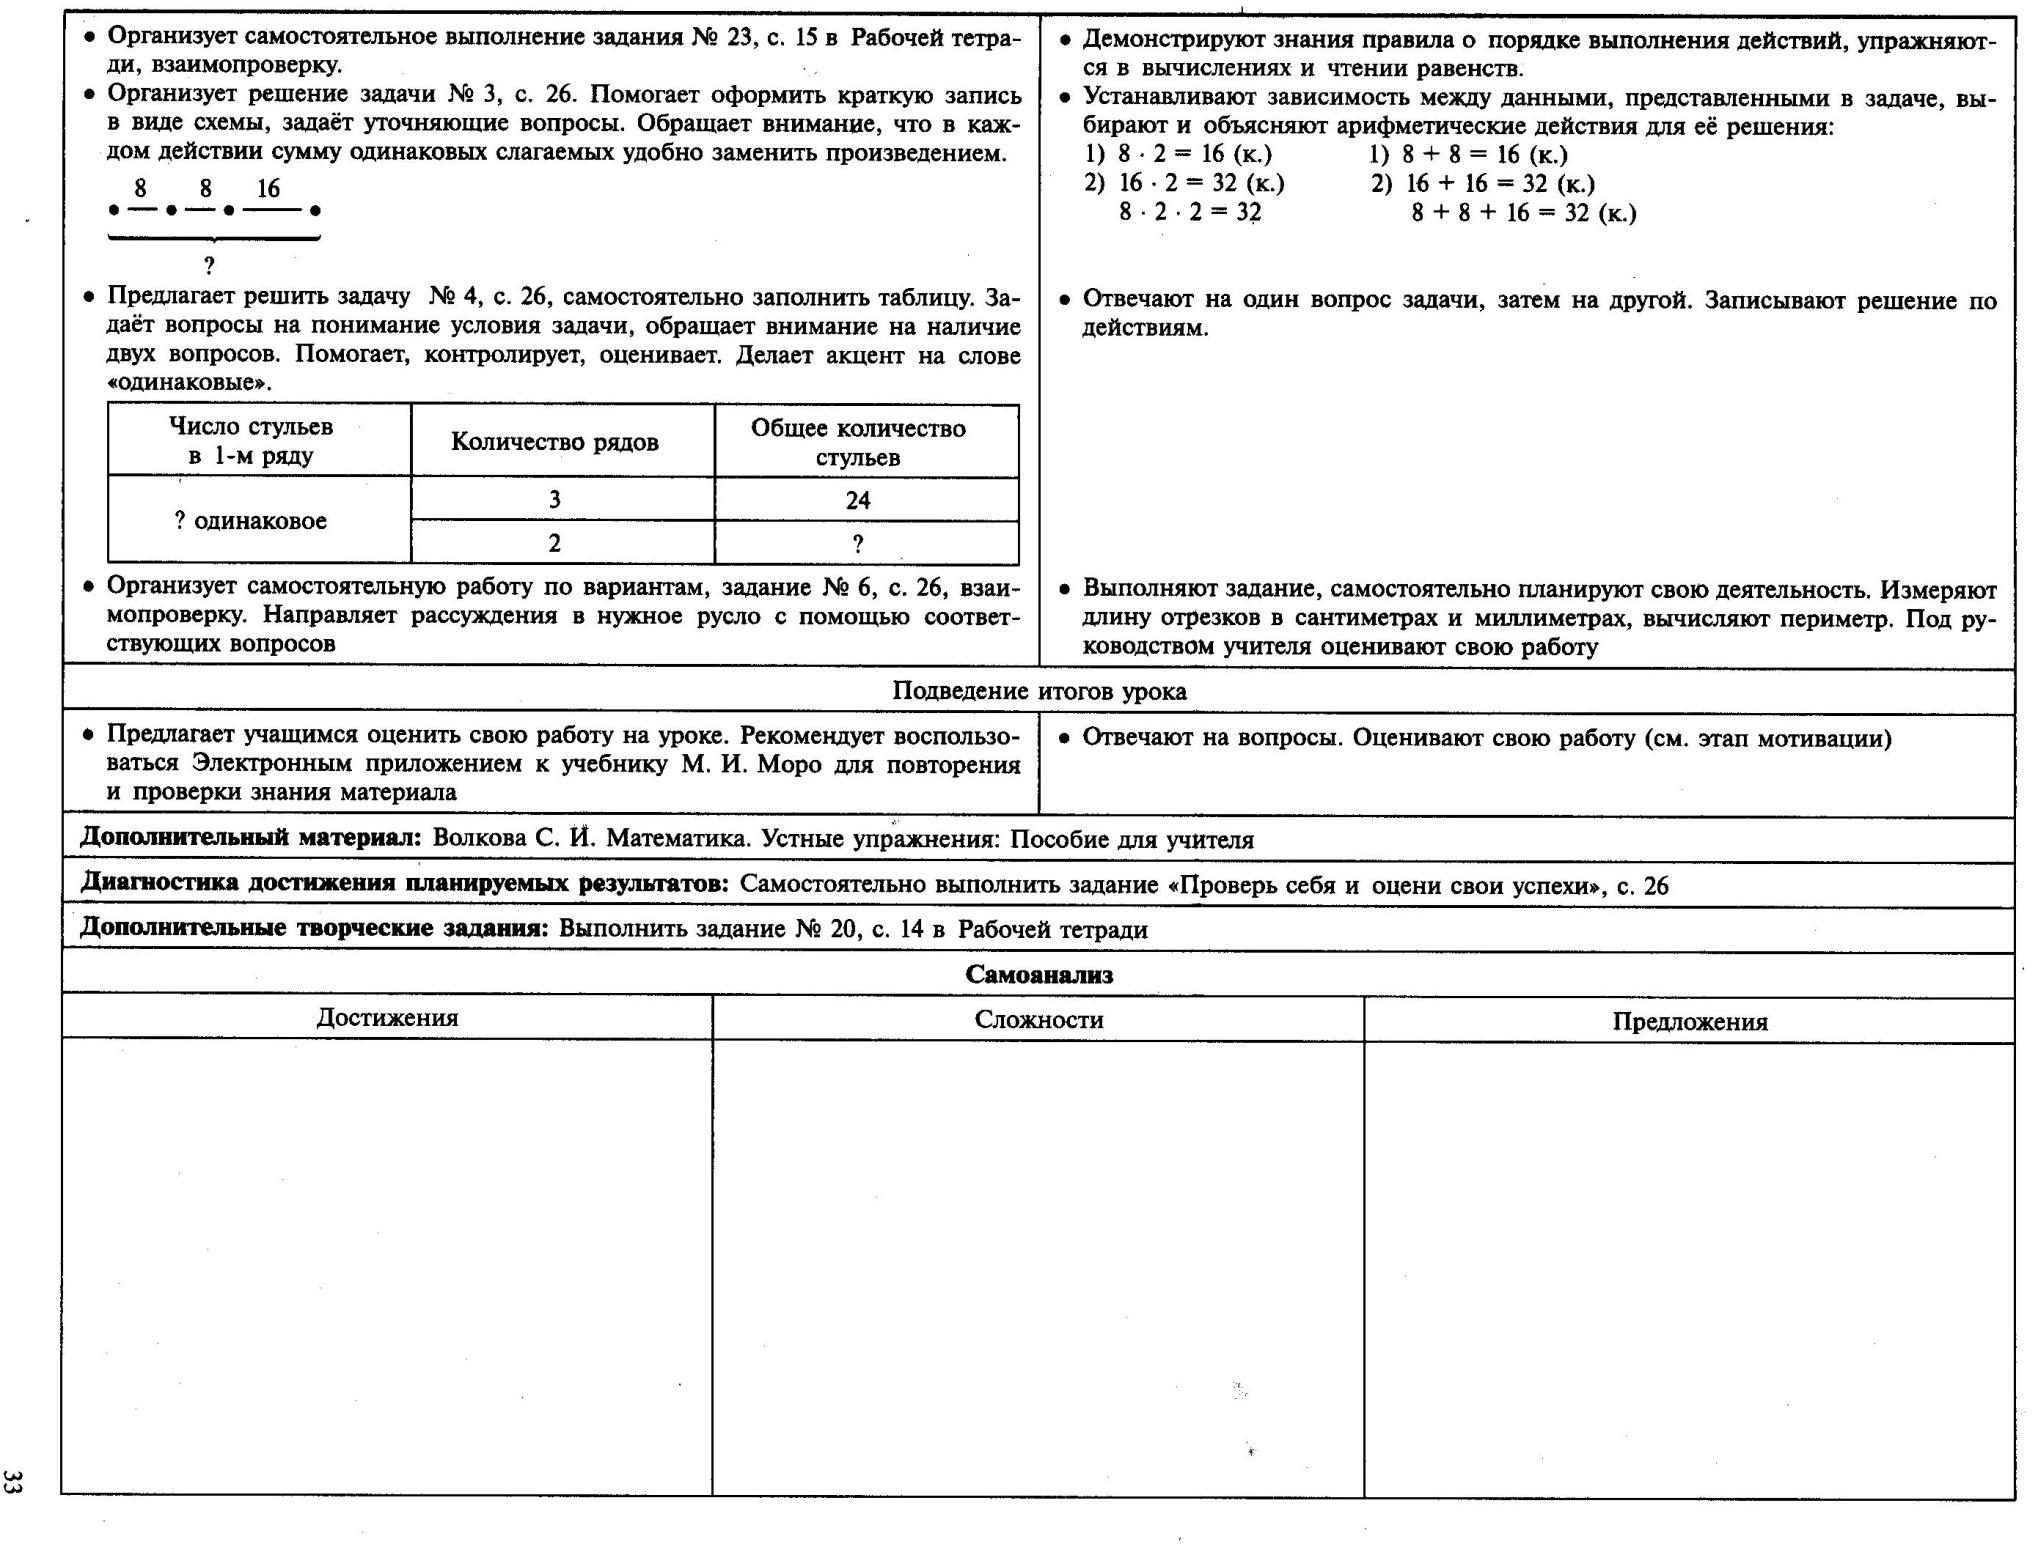 C:\Documents and Settings\Admin\Мои документы\Мои рисунки\1272.jpg